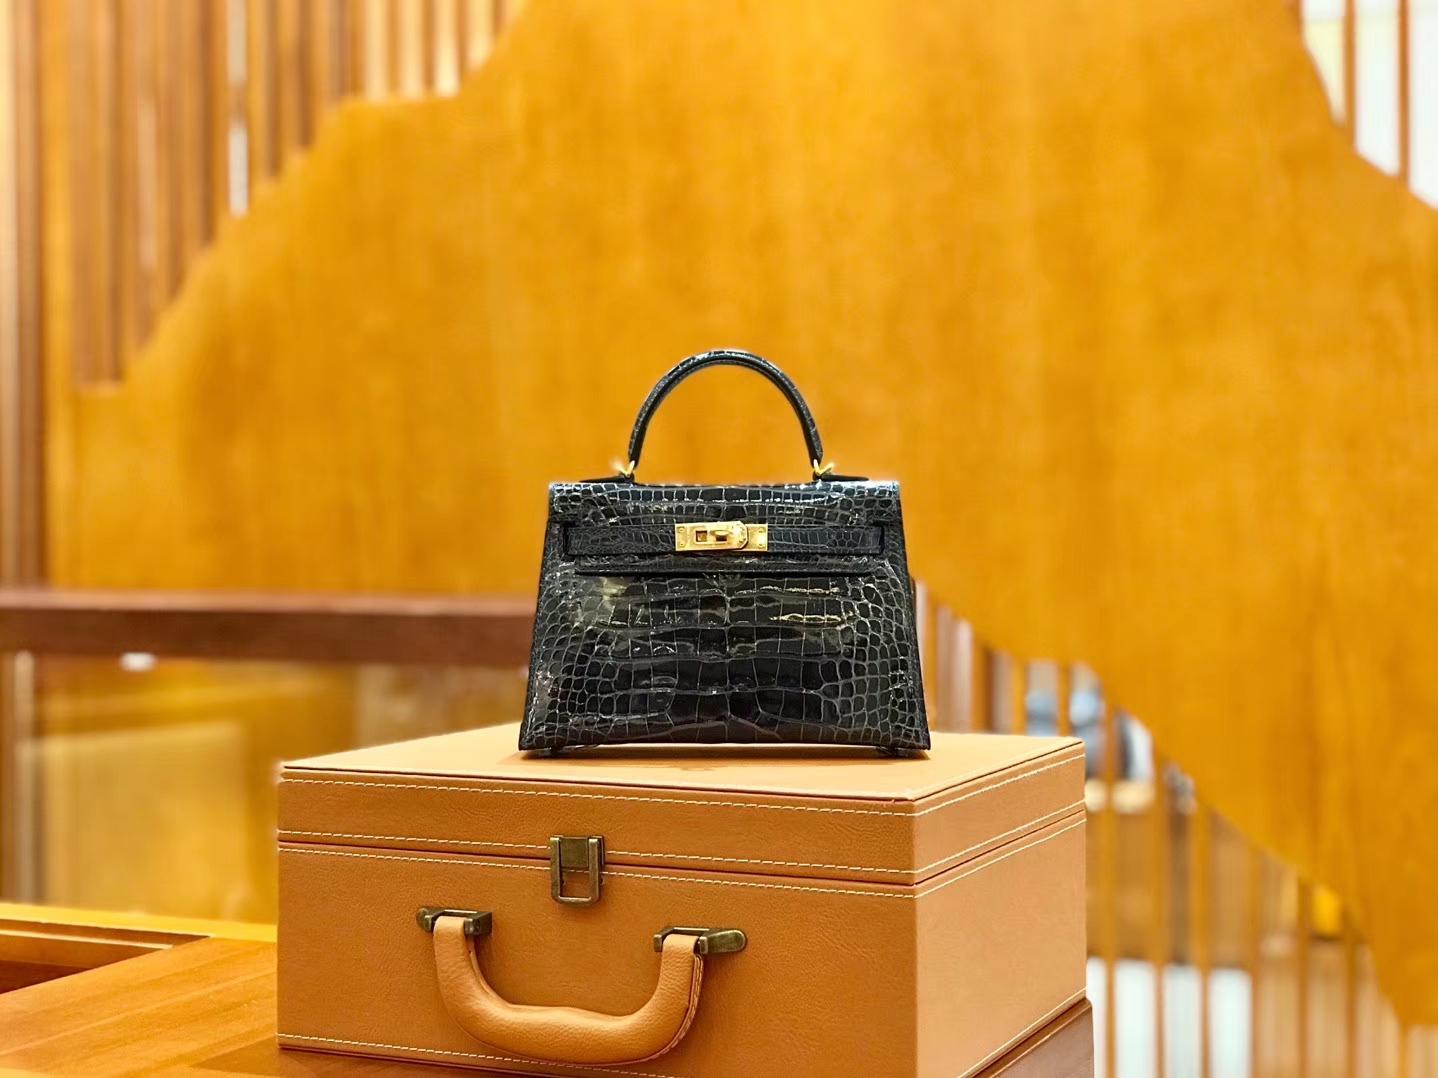 Hermès(爱马仕)新增现货 松柏绿 迷你2代 美洲鳄鱼皮